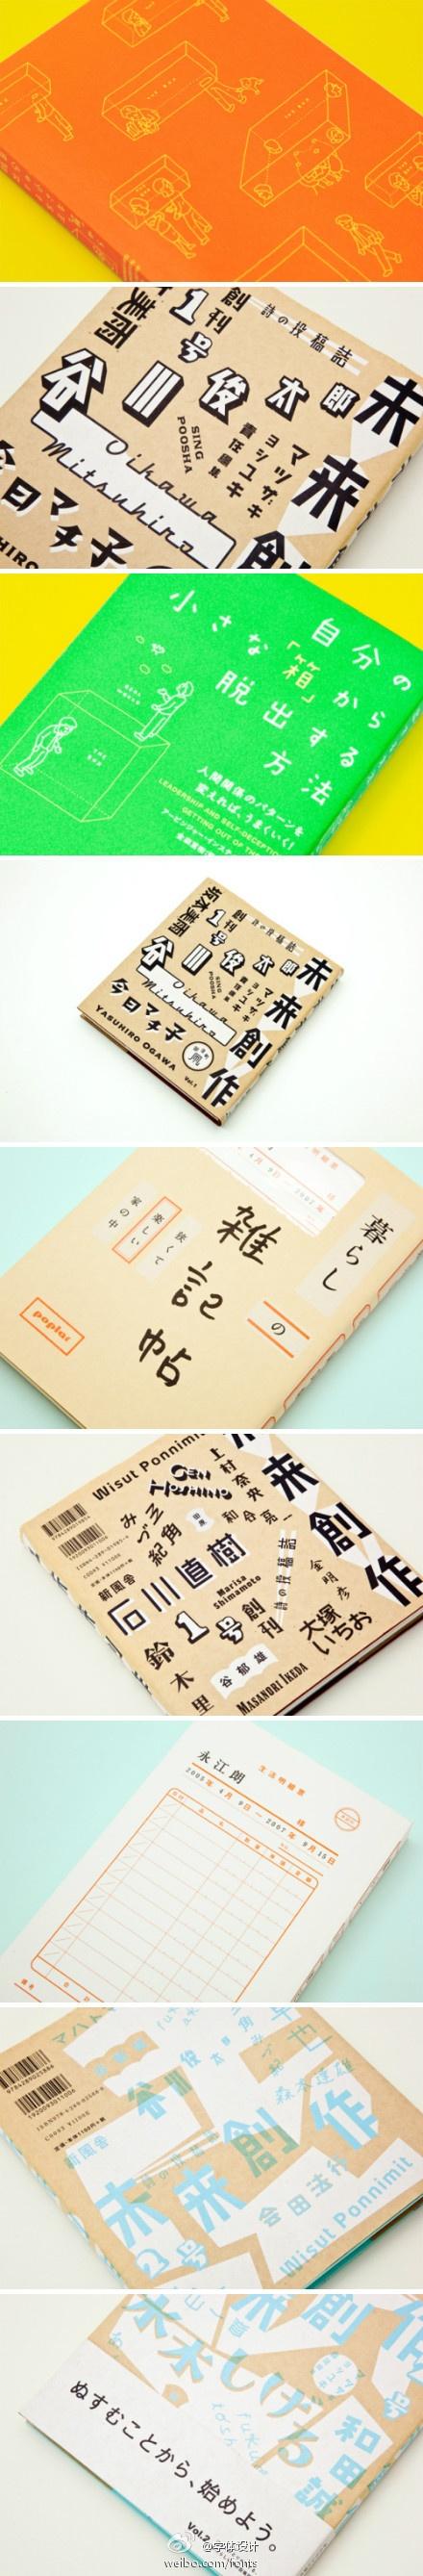 日本设计师寄藤文平书籍装帧作品欣赏,封面由很多字体设计构成。